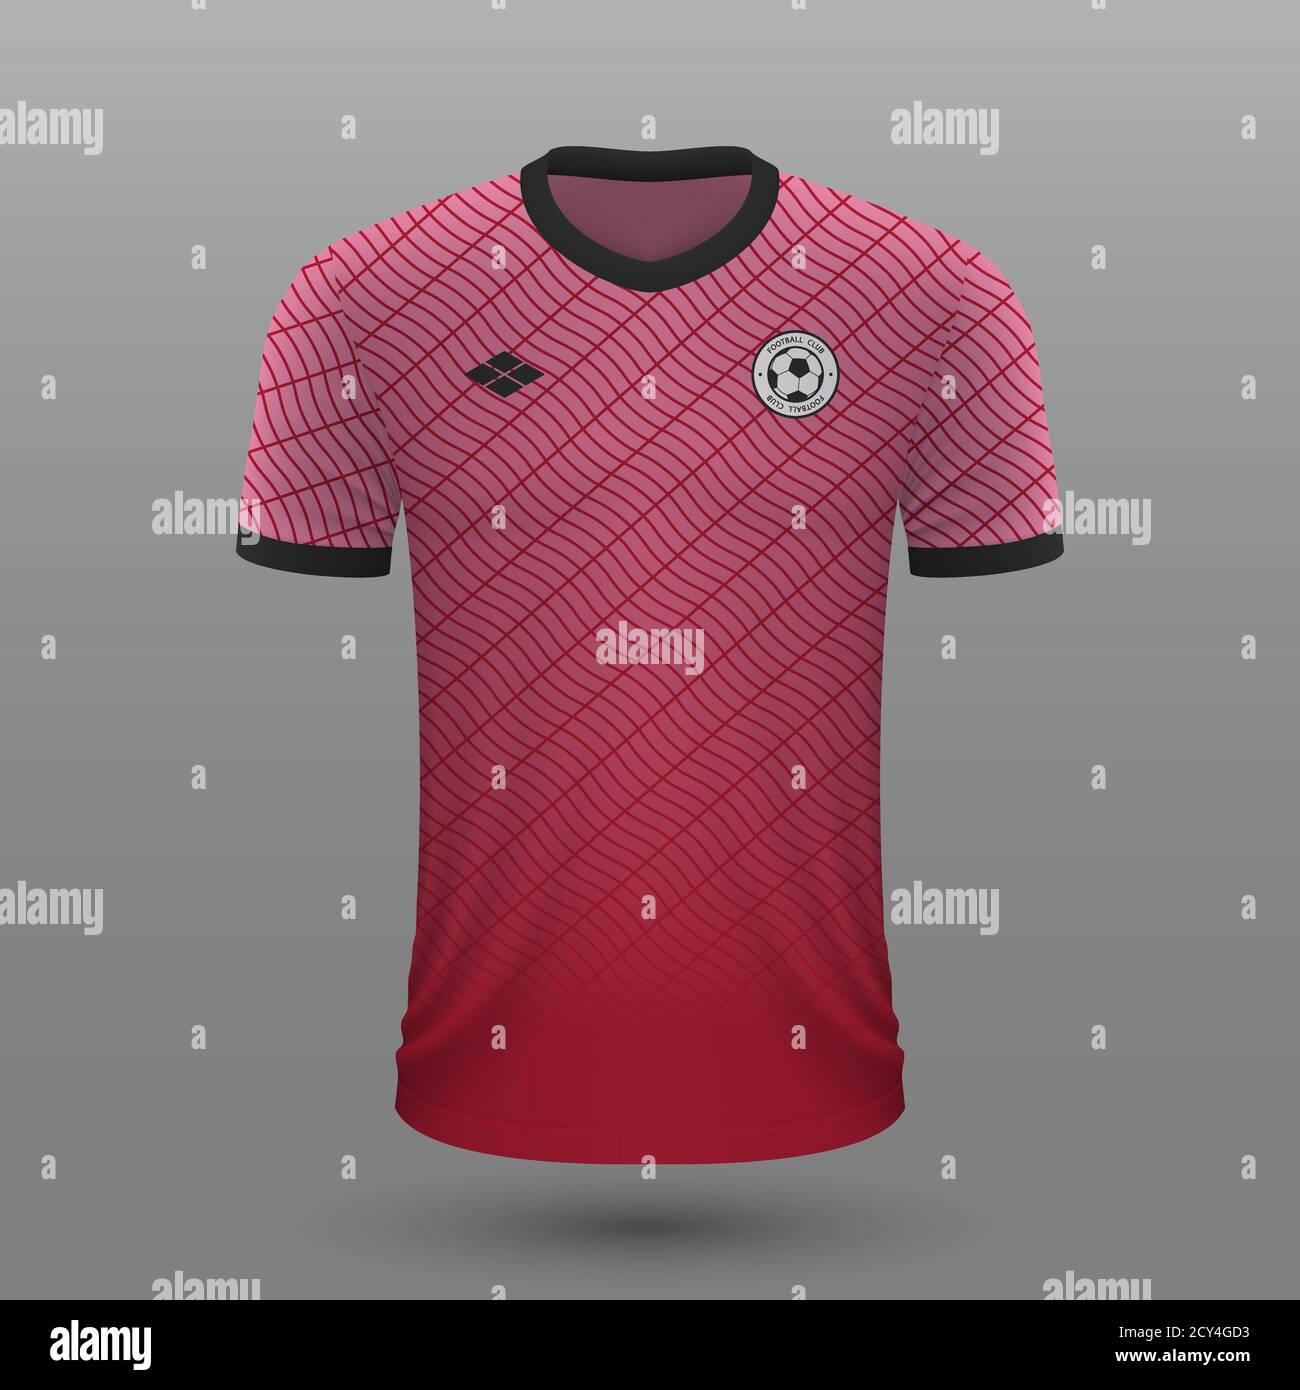 Maglia da calcio realistica 2020, modello maglia casa Corea del ...